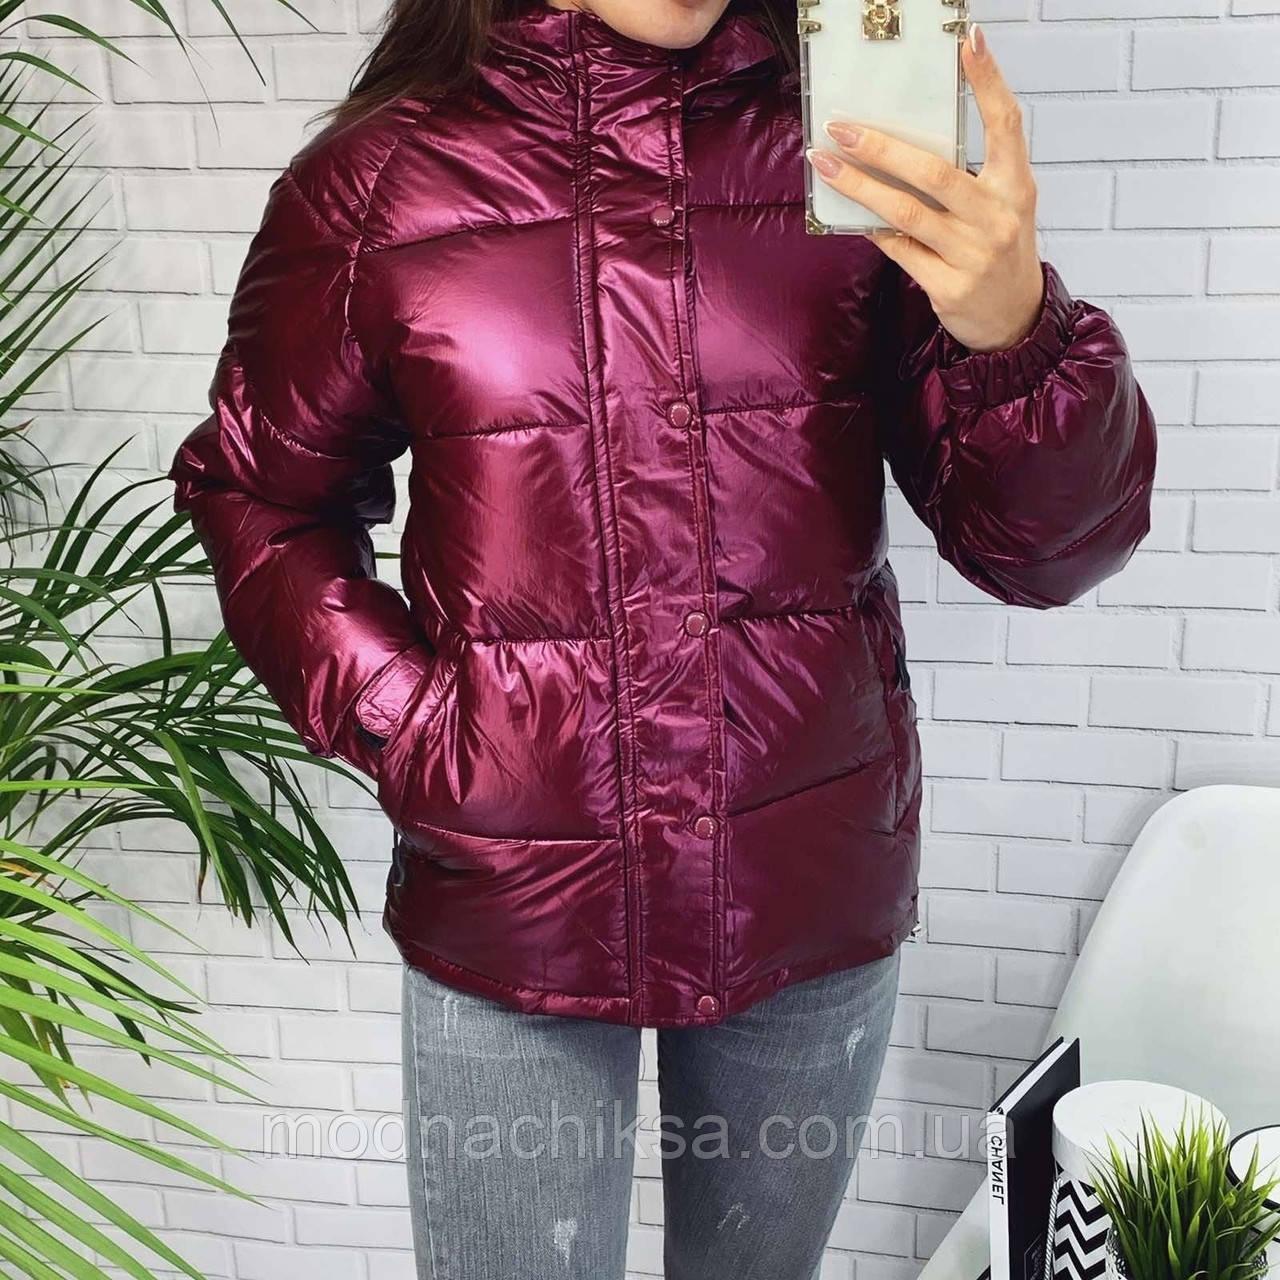 Короткая куртка с капюшоном